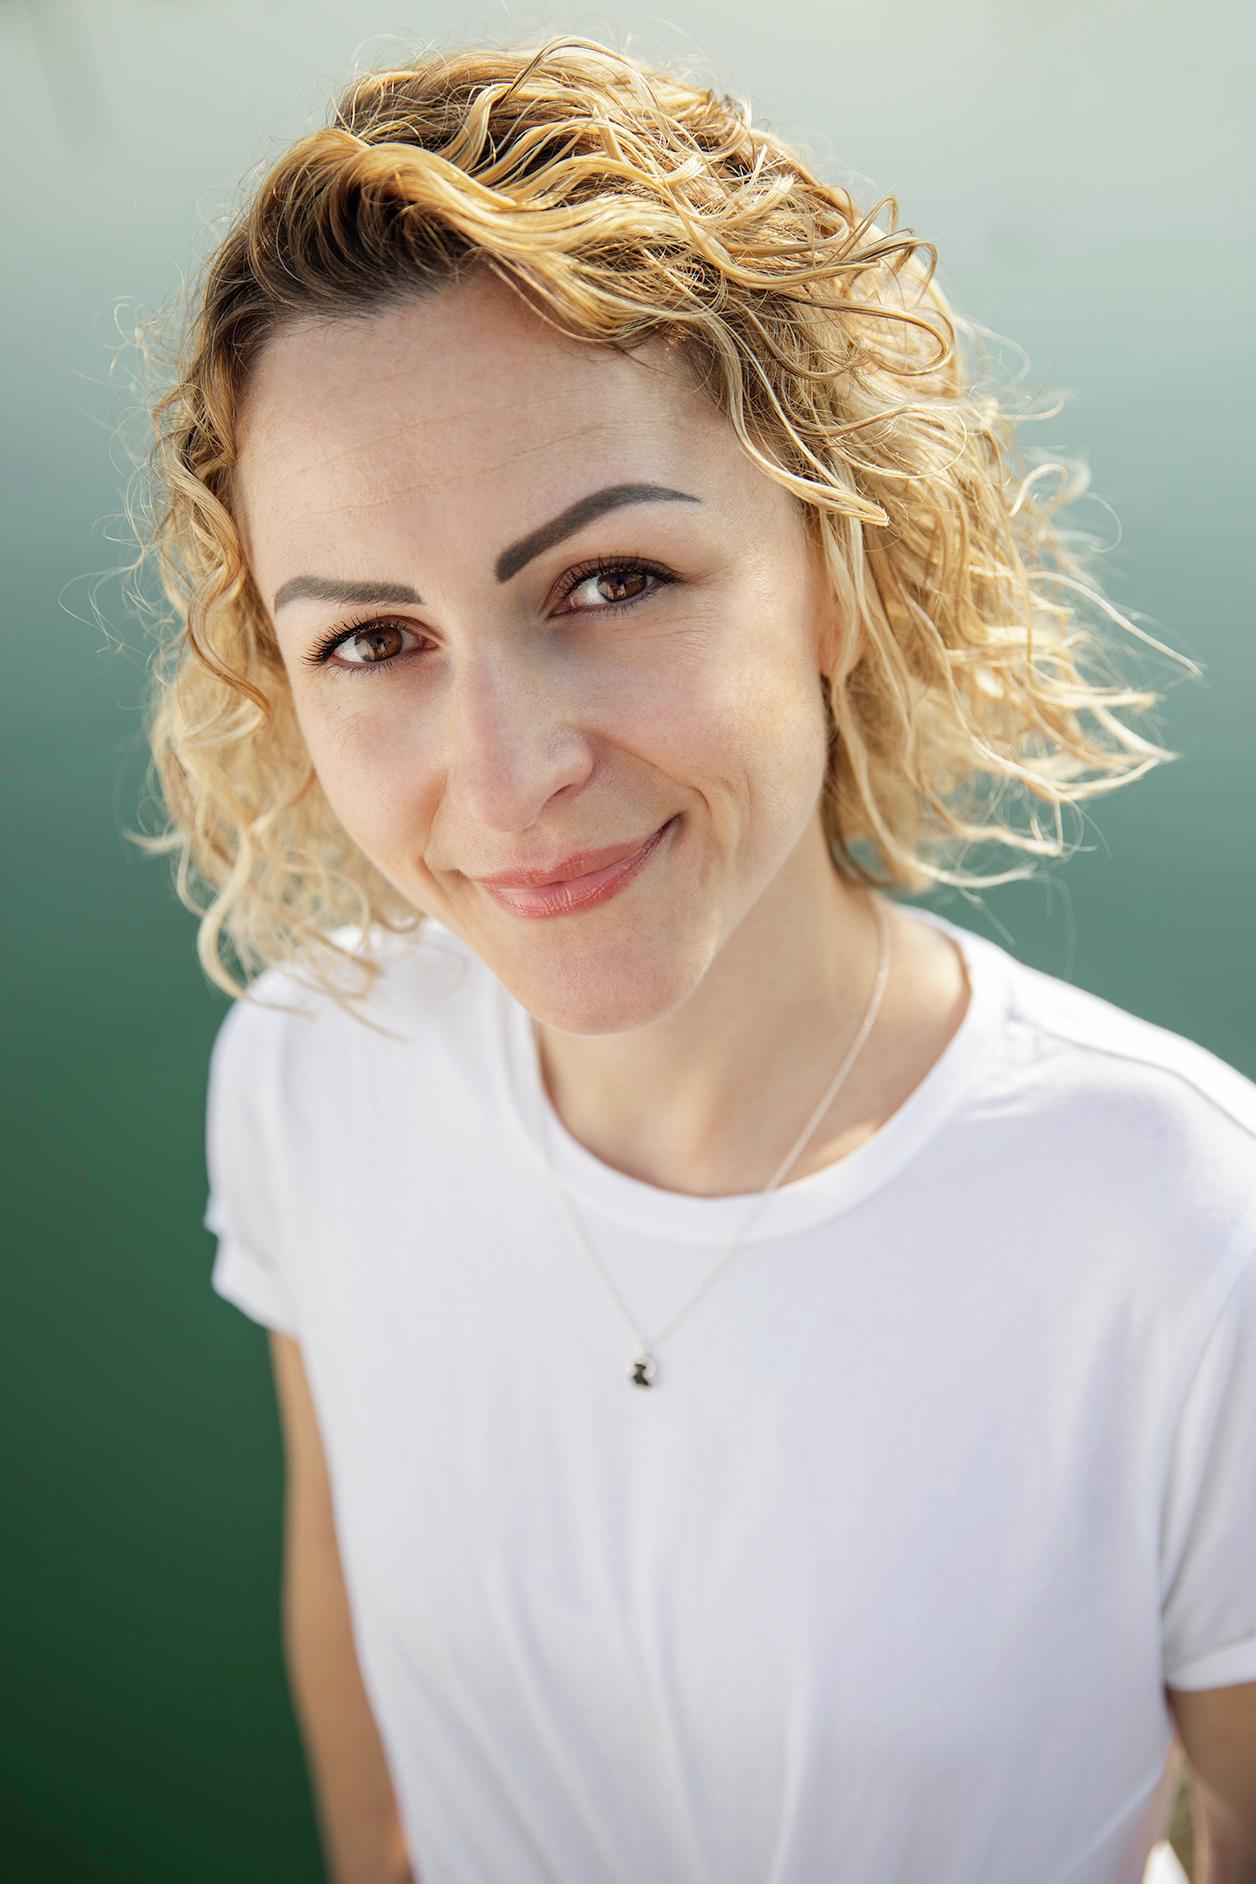 Natalia Kozlova